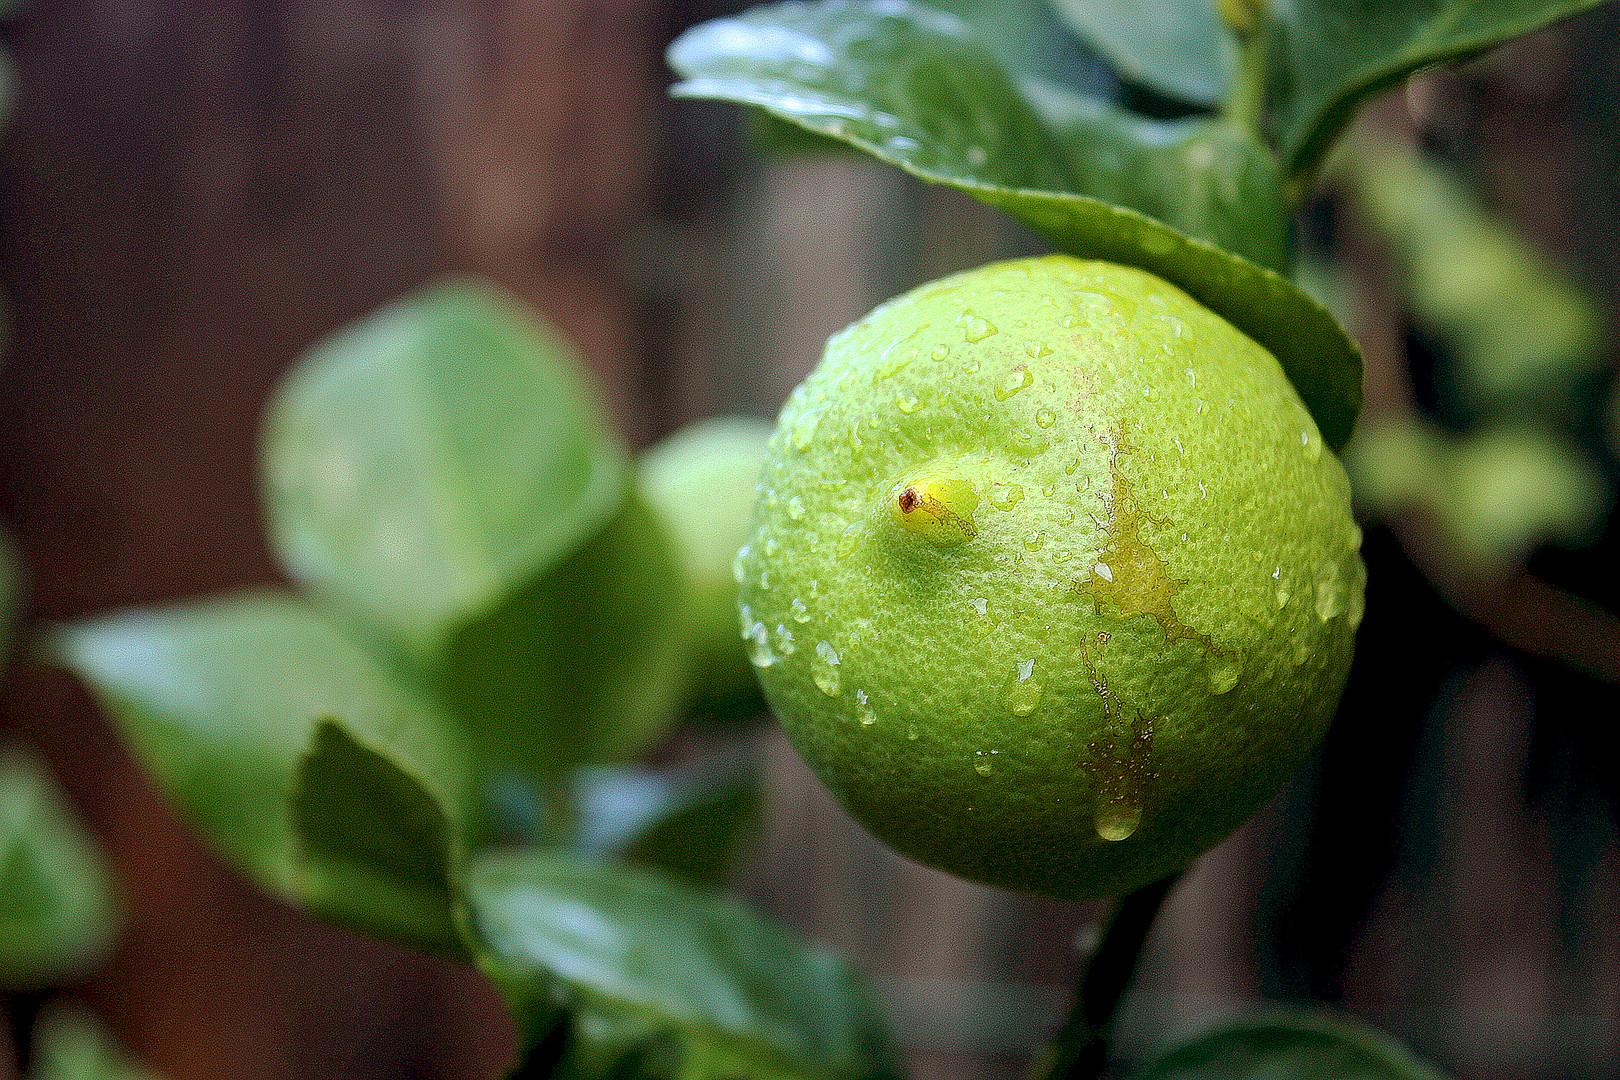 El llanto del limón